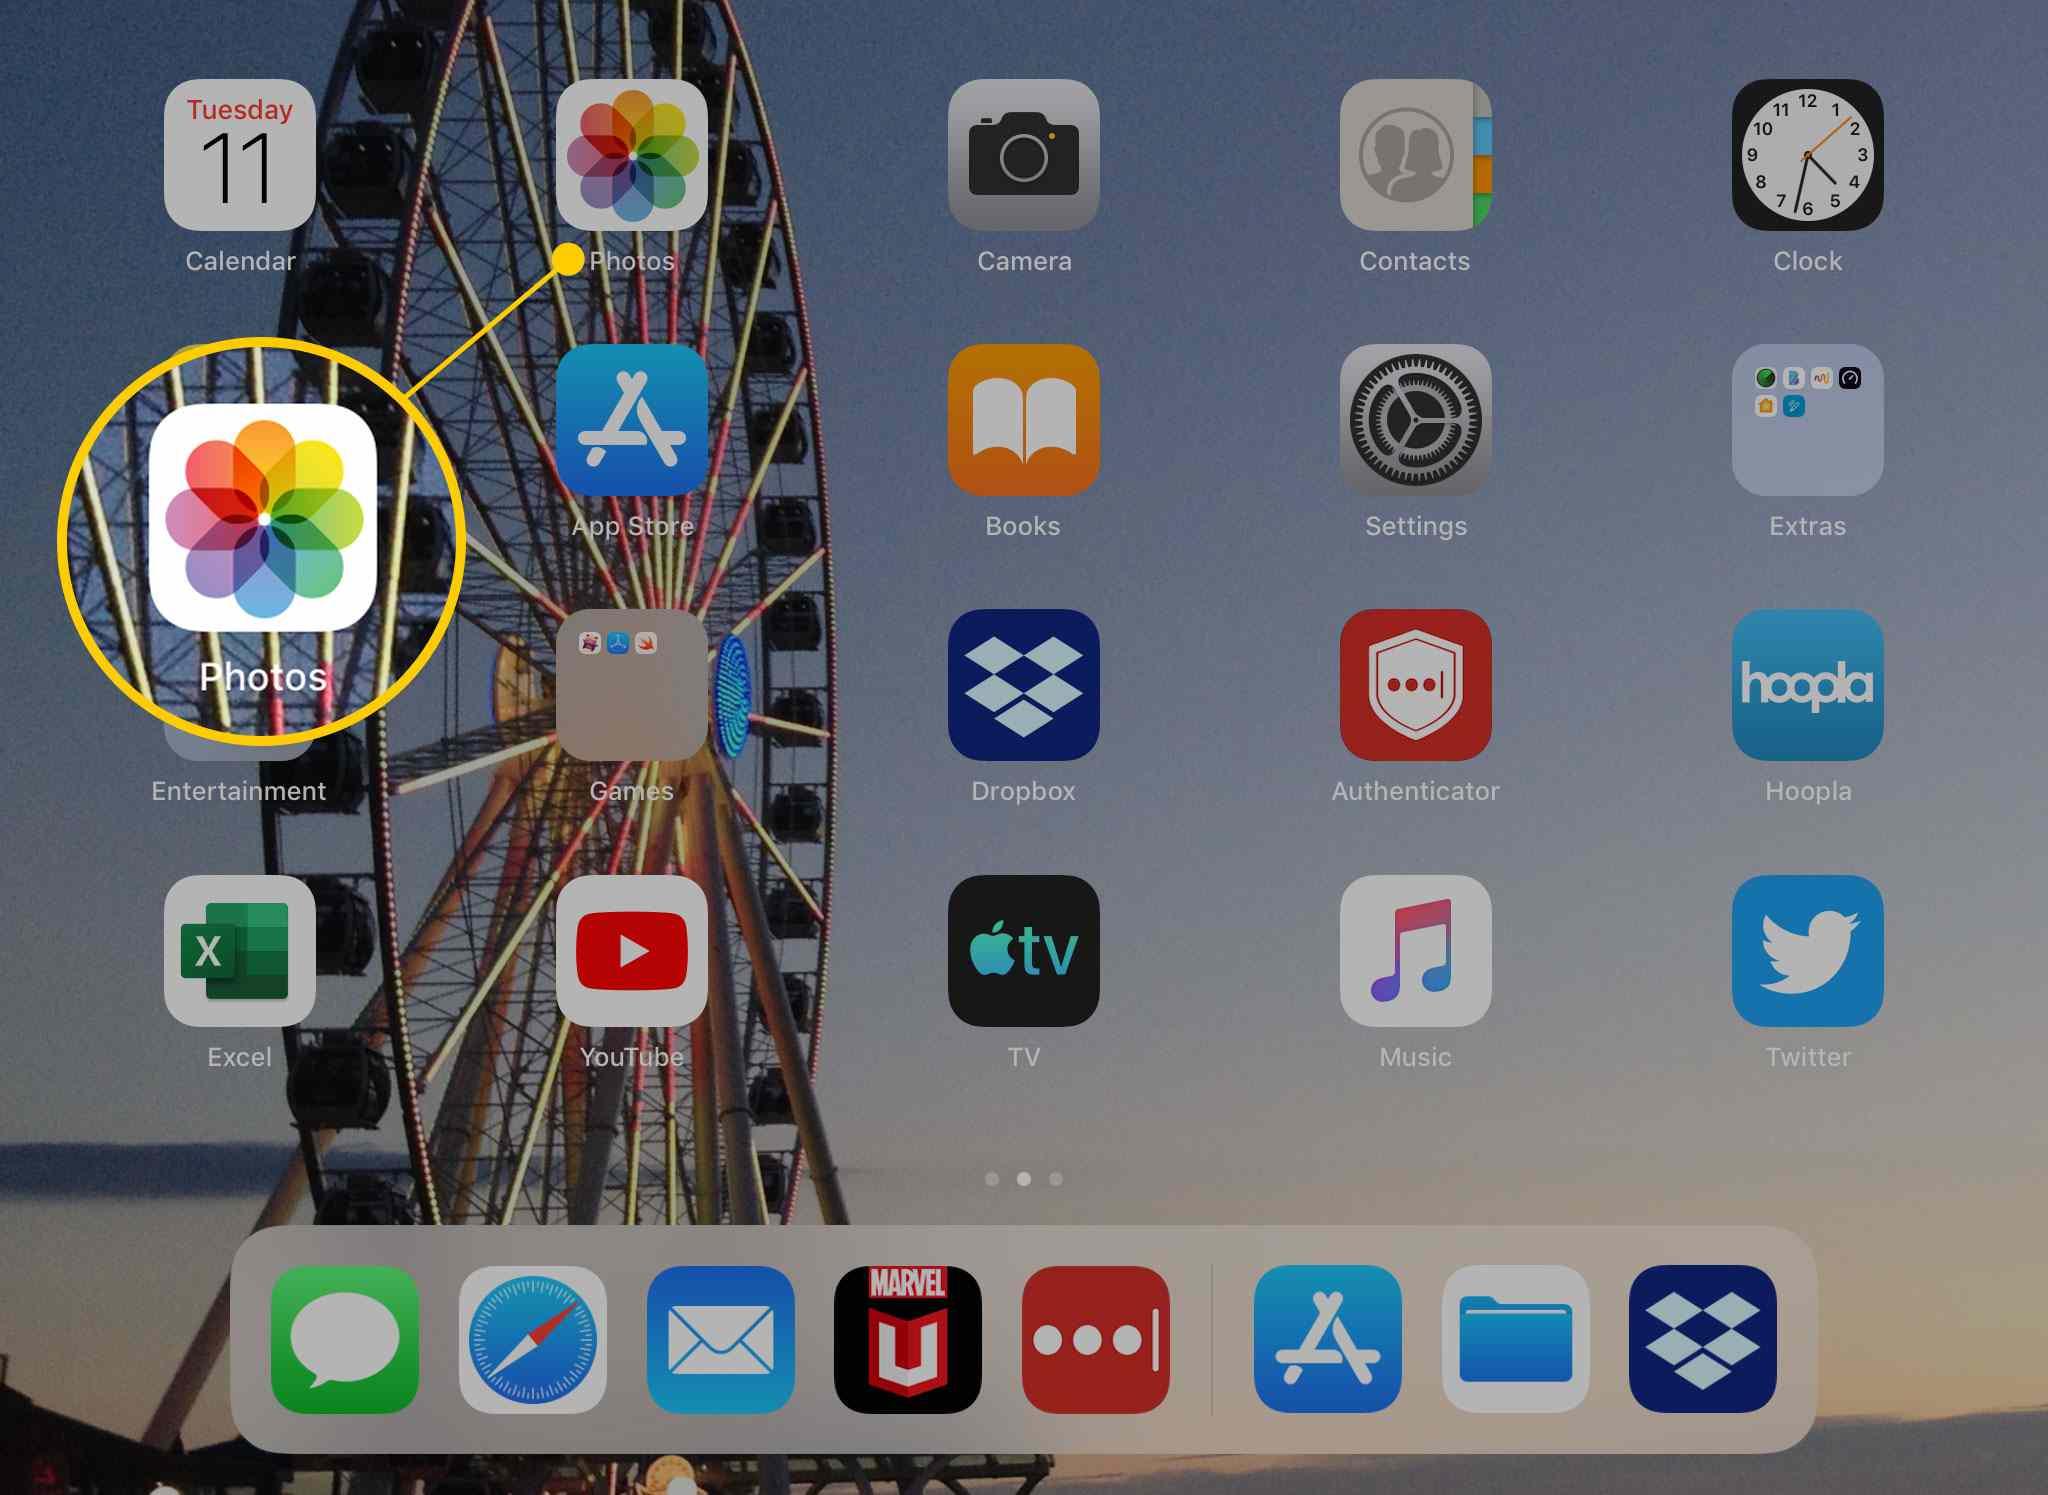 The Photos app on iPad